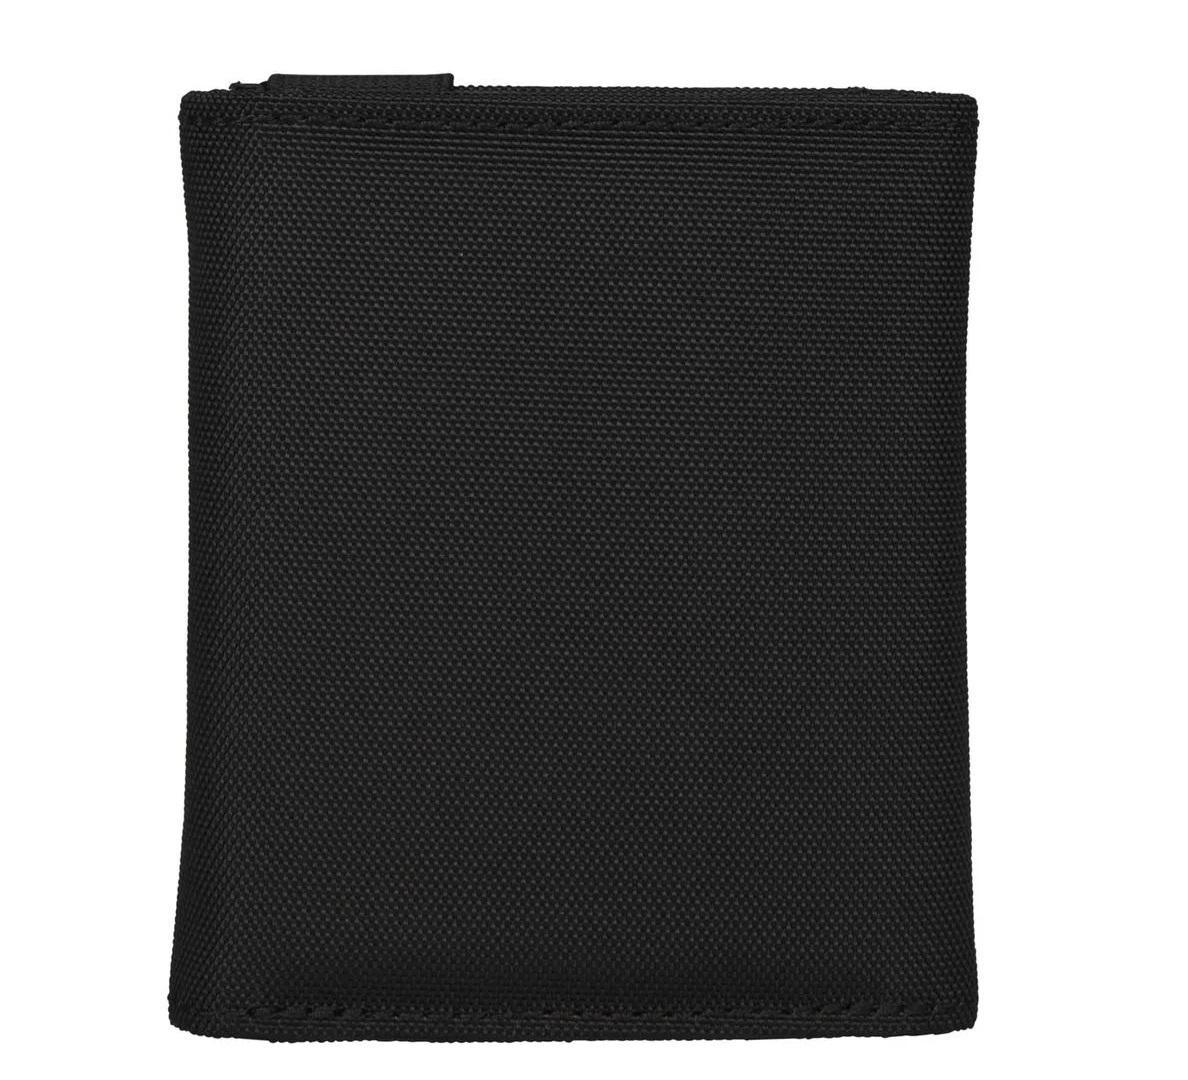 Carteira em nylon 2 dobras TA 5.0 proteção RFID Victorinox  610394  - Mix Eletro